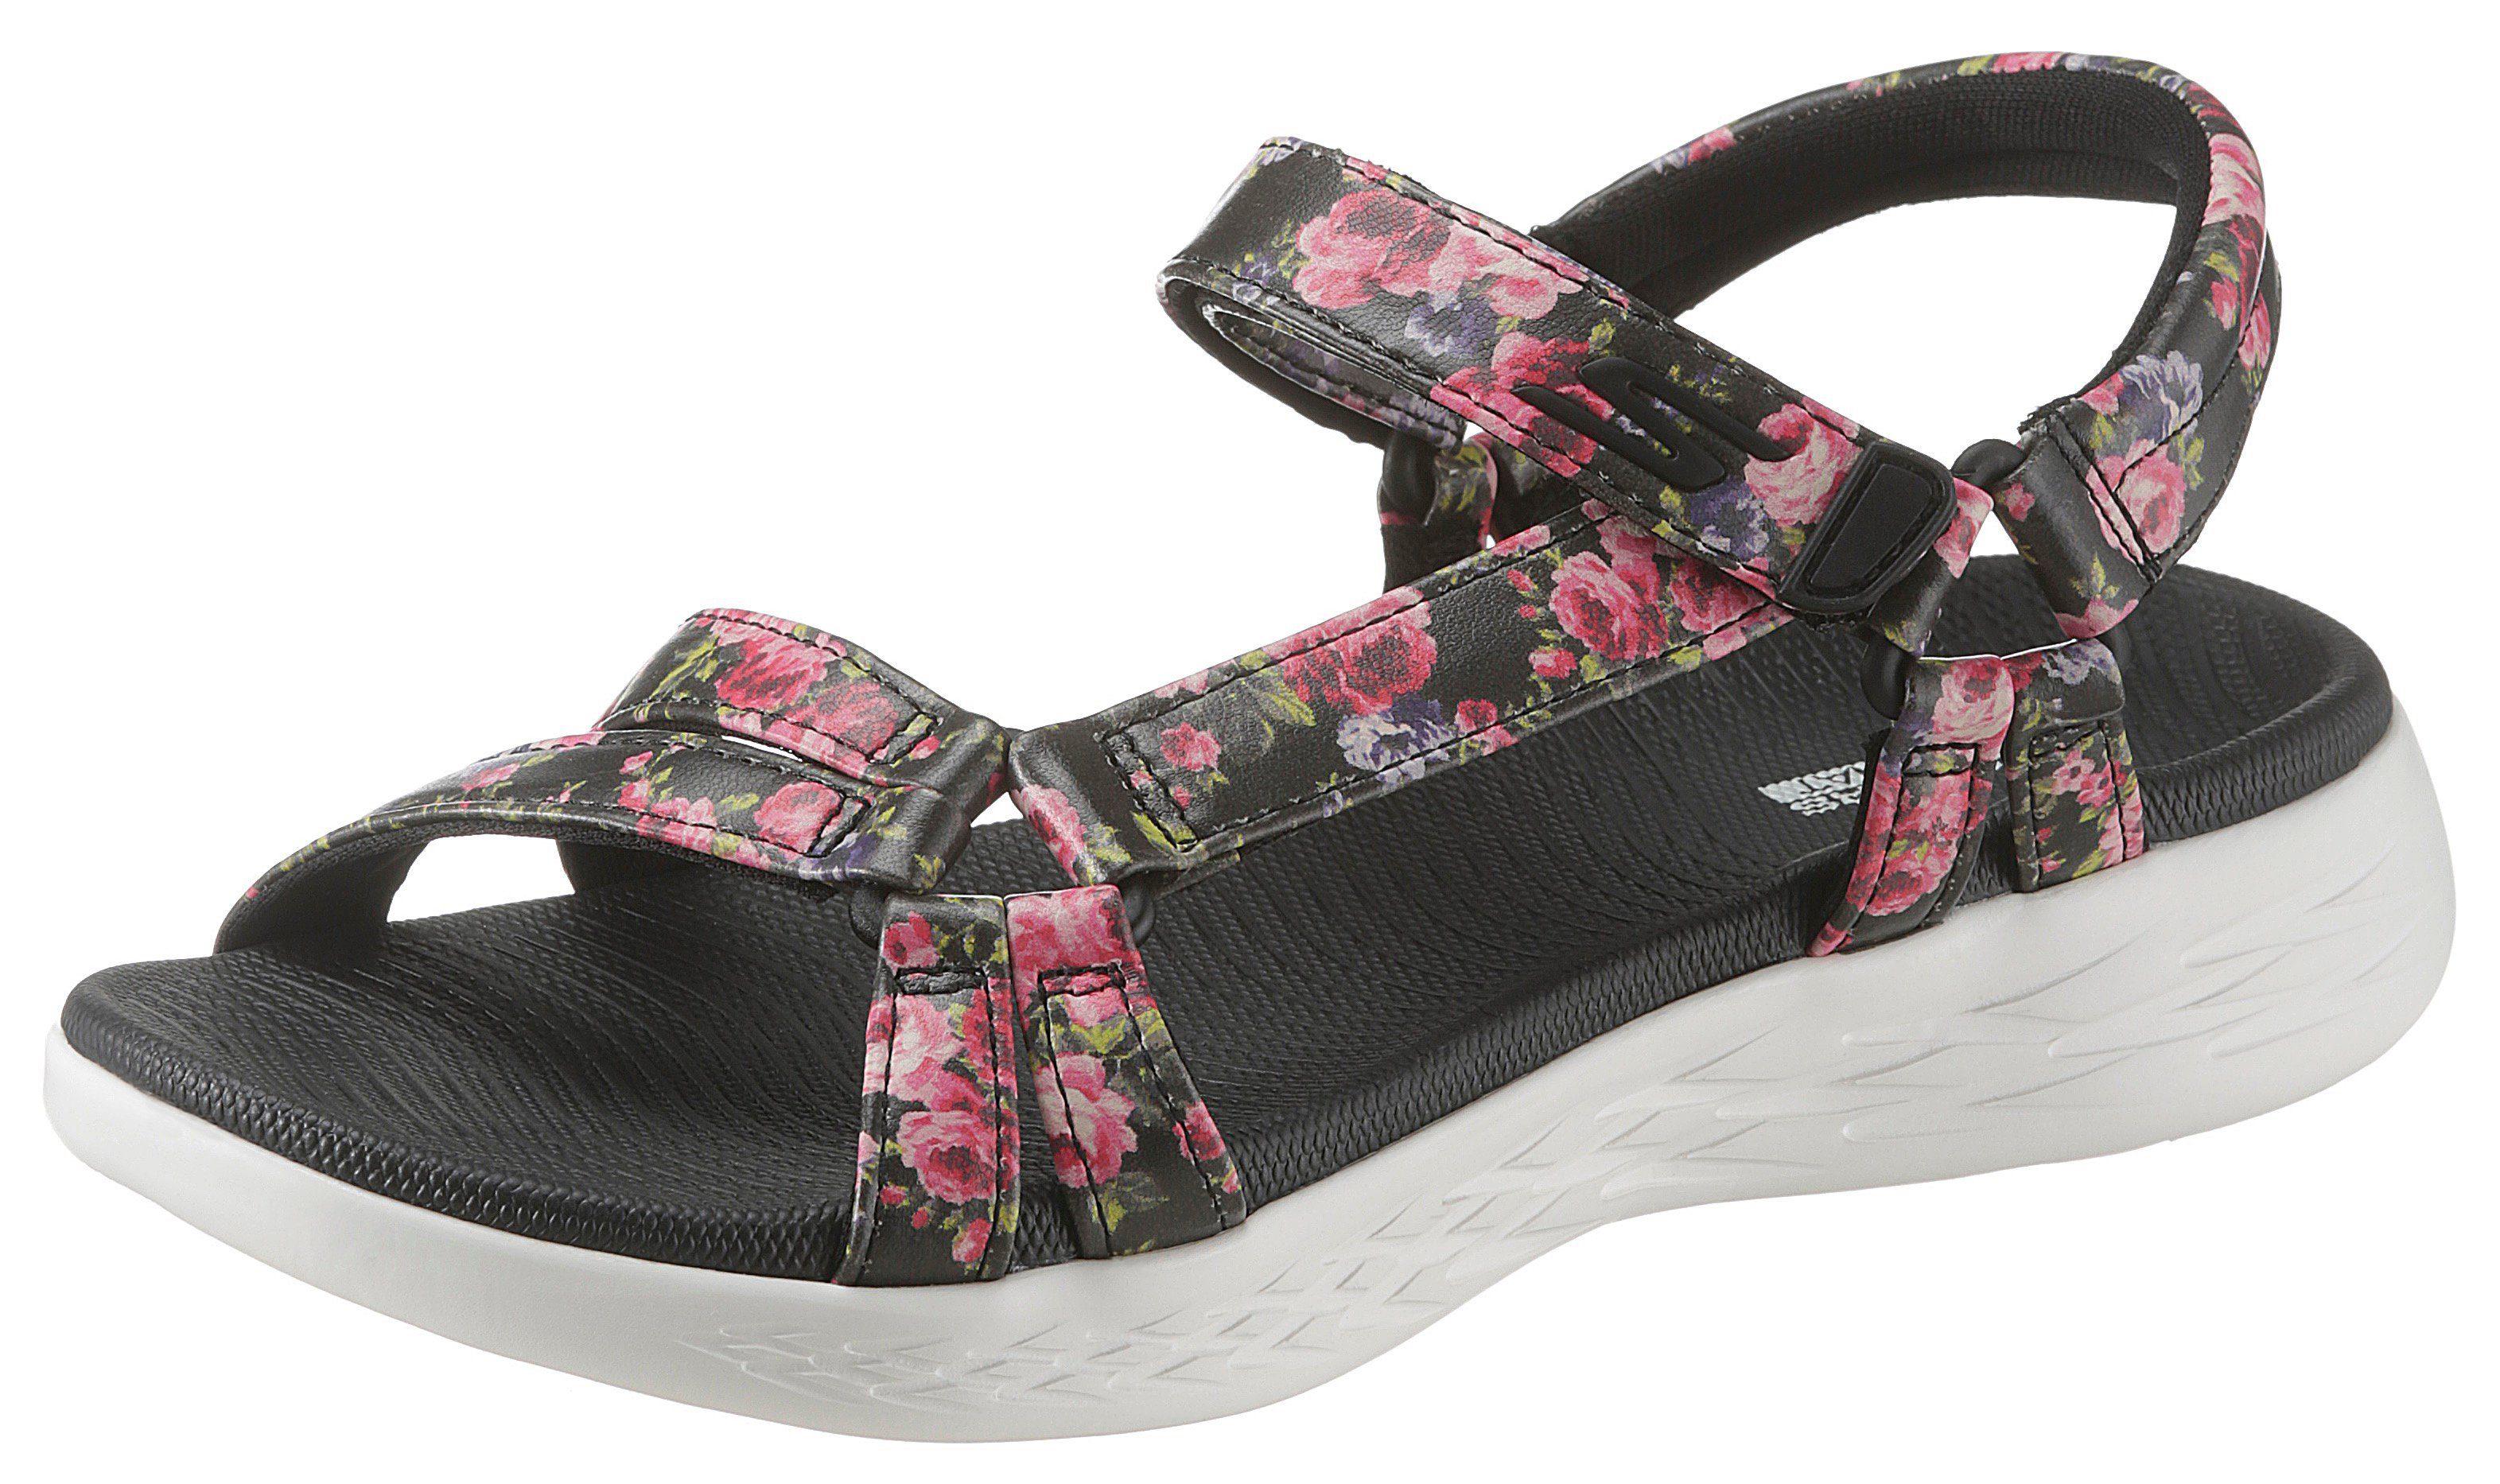 Skechers »On the Go 600 Fleur« Sandale mit Blumendruck online kaufen | OTTO